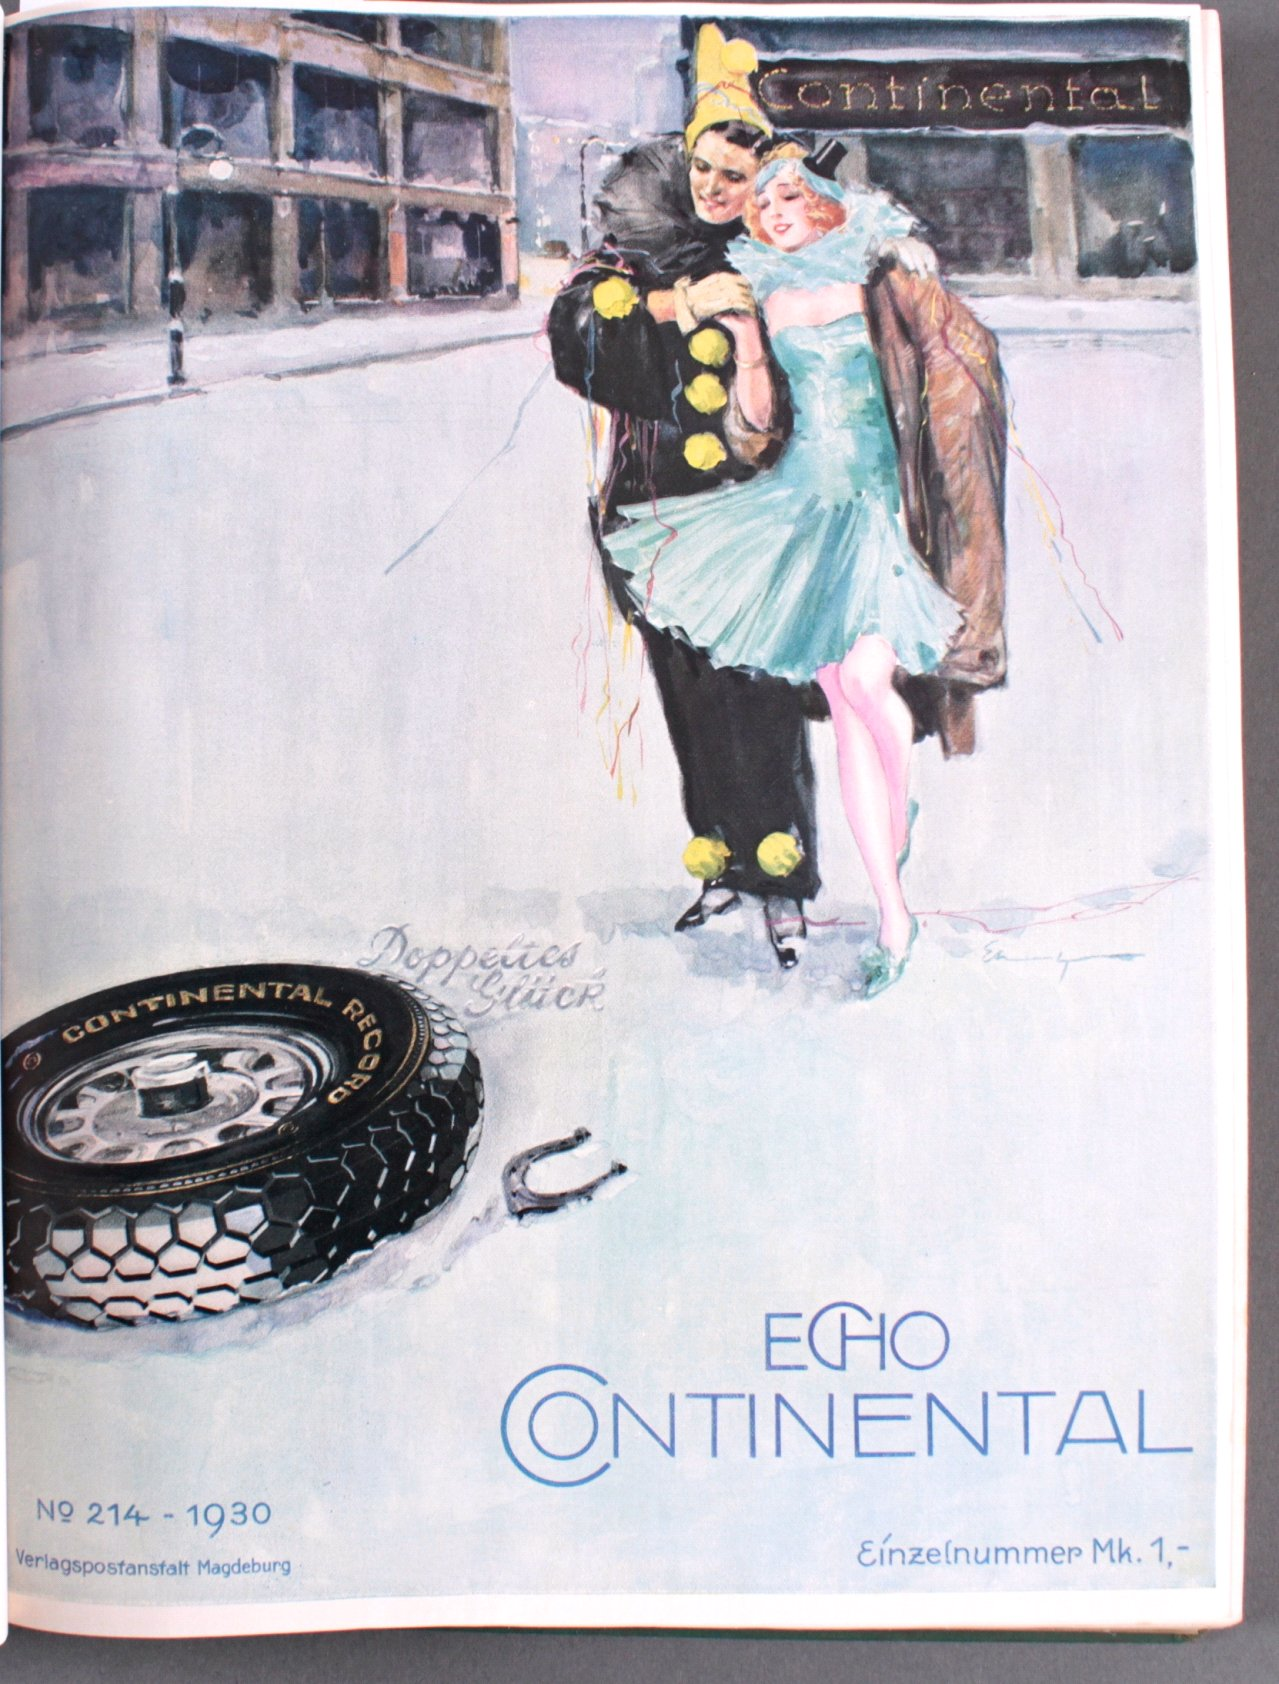 Echo Continental Jahrgang 1930-1